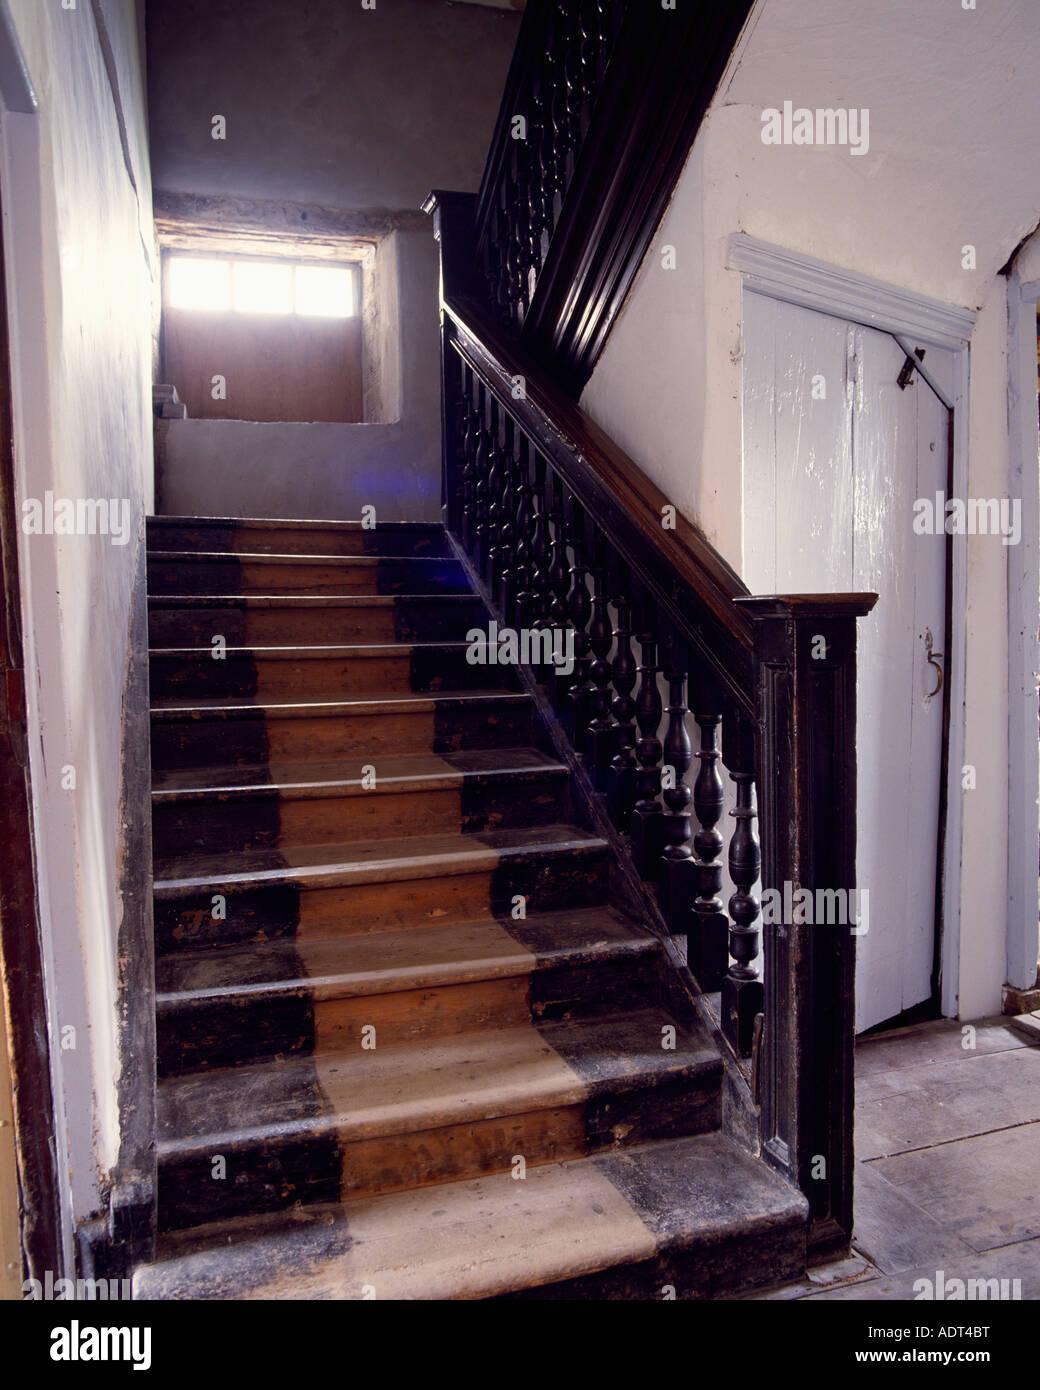 Ancien Escalier En Bois Avec Des Escaliers Et Balustrades En